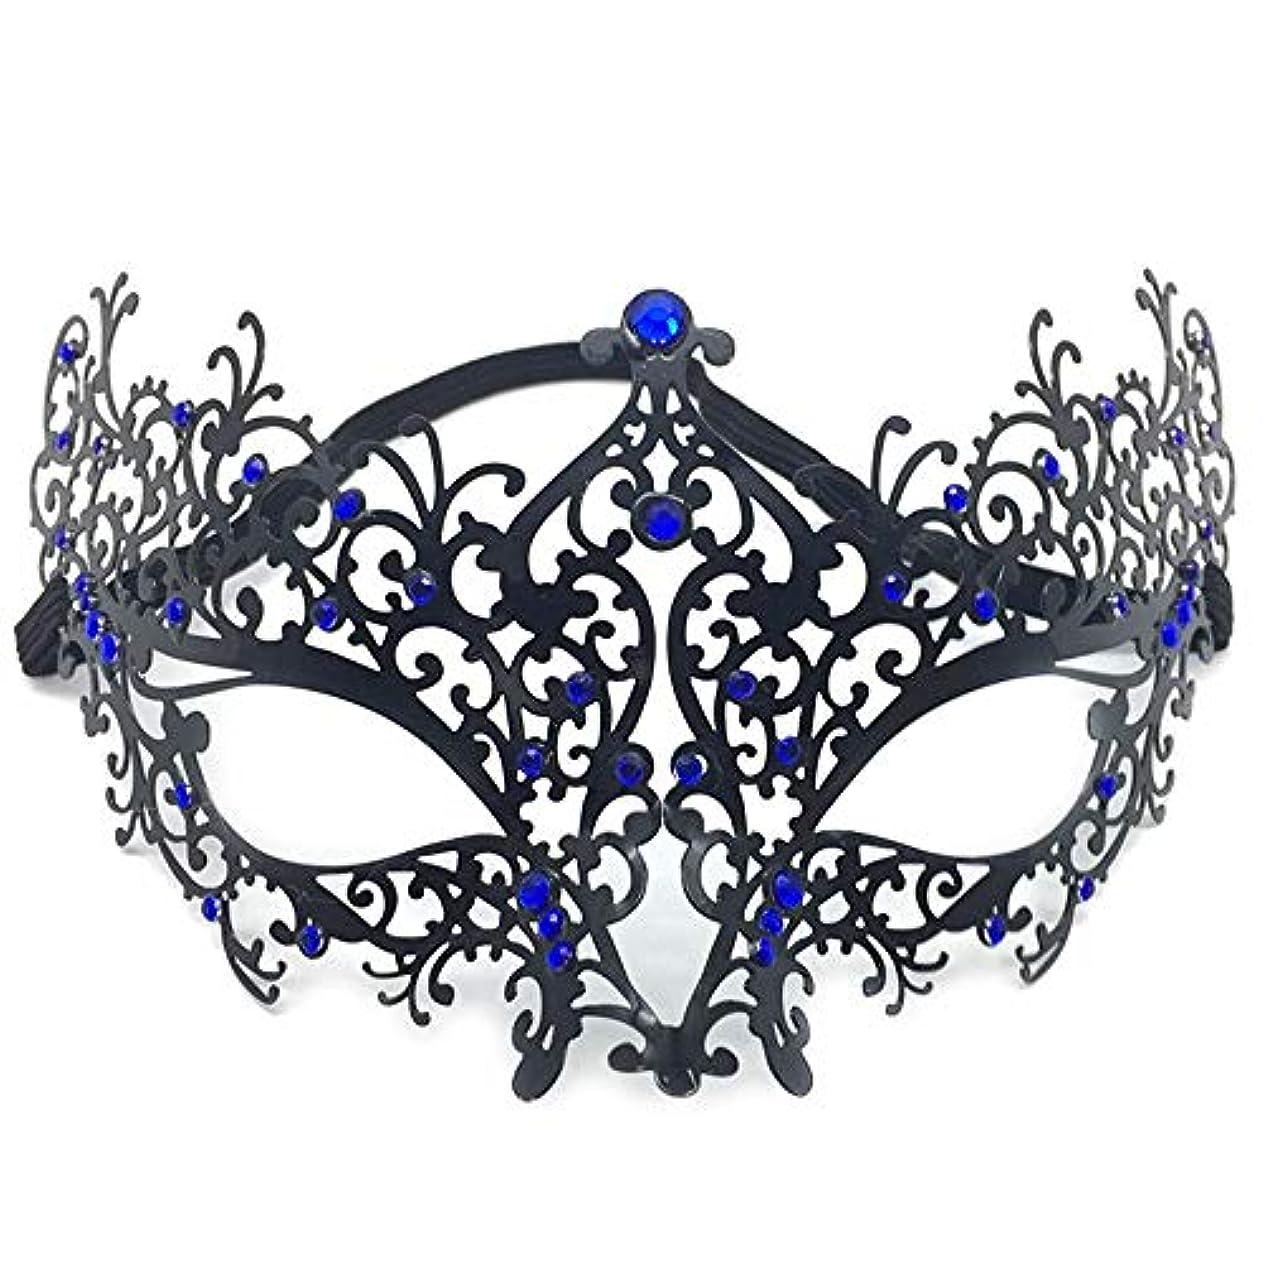 不正確猛烈な等しい仮面舞踏会アイアンマスクパーティーCOSはメタリックダイヤモンドハーフフェイスハロウィンアイアンマスクをドレスアップ (Color : A)